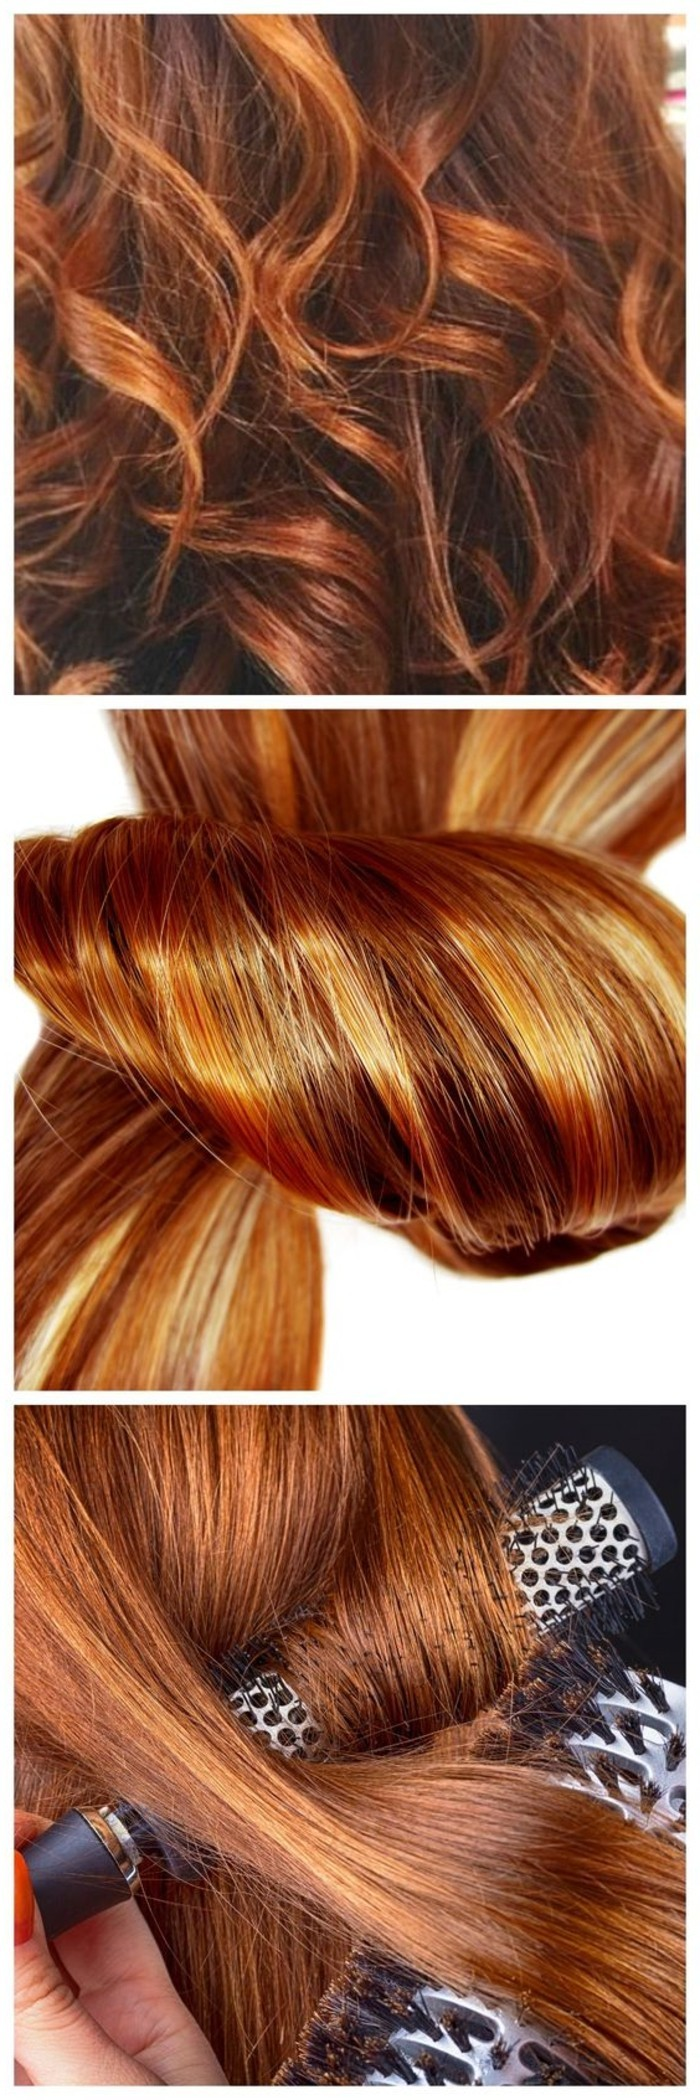 verschiedenartige-Frisur-Ideen-für-Kupfer-Haarfarbe